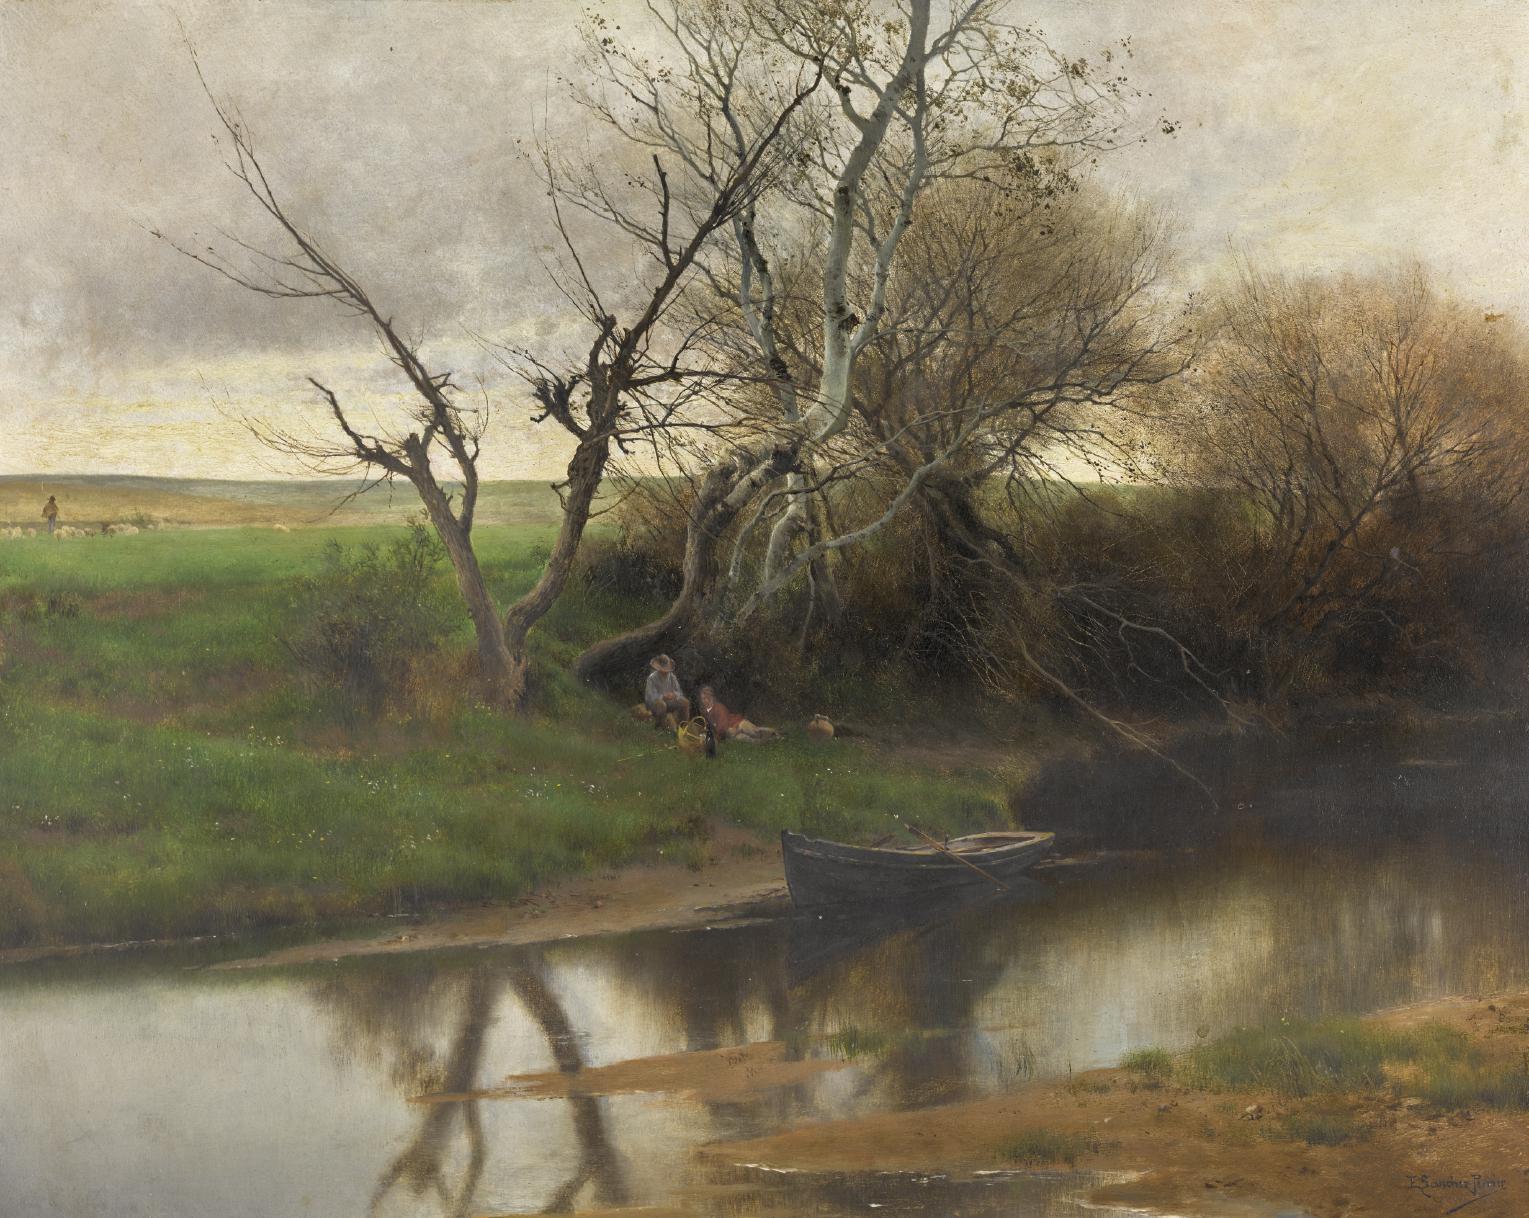 EMILIO SÁNCHEZ-PERRIER | A Quiet River